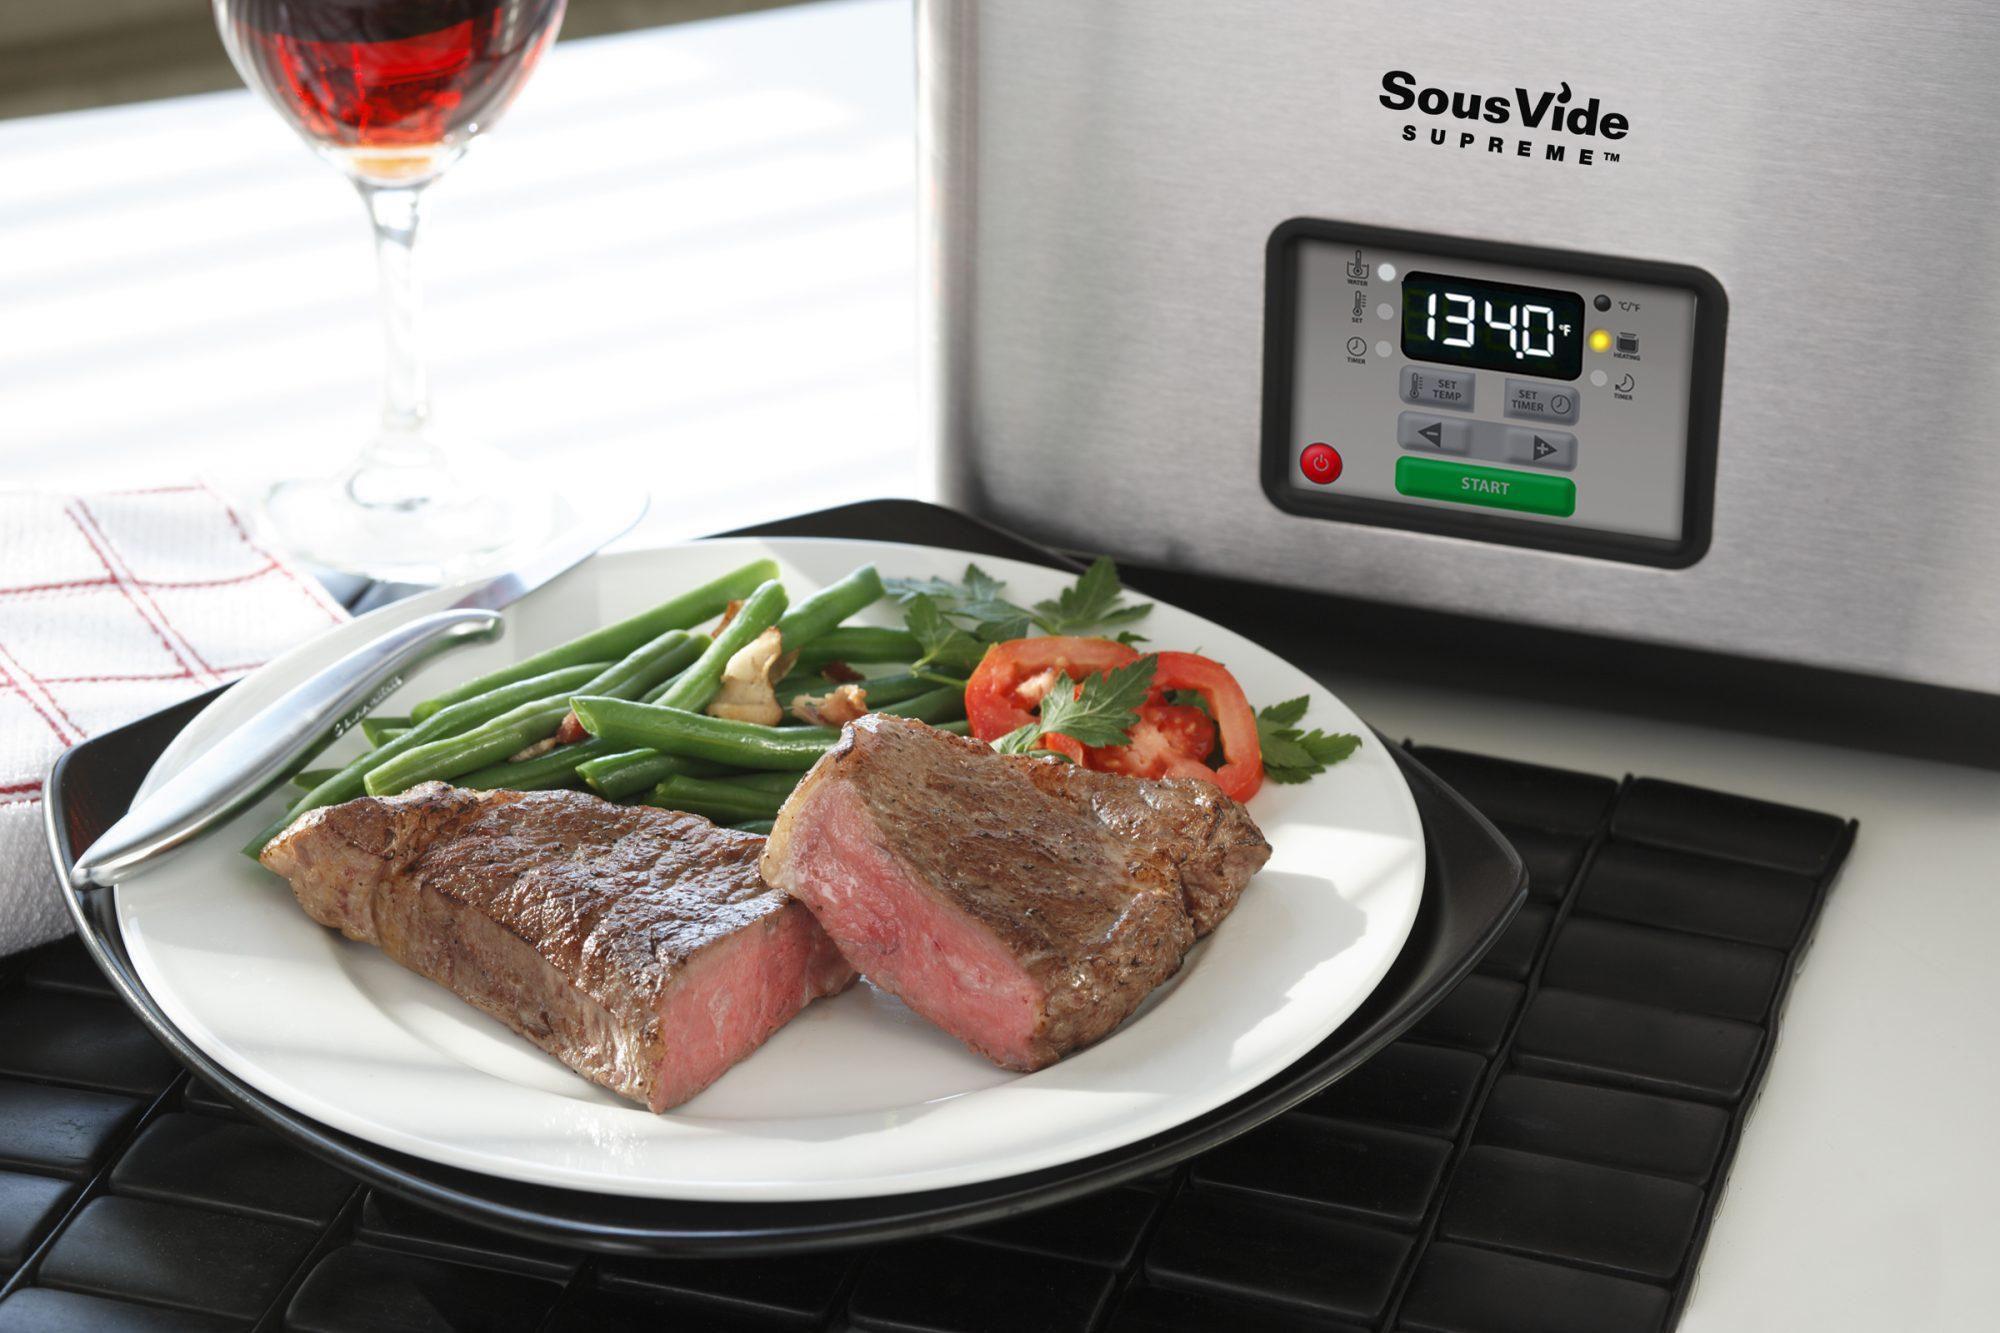 SousVide Supreme appliance image